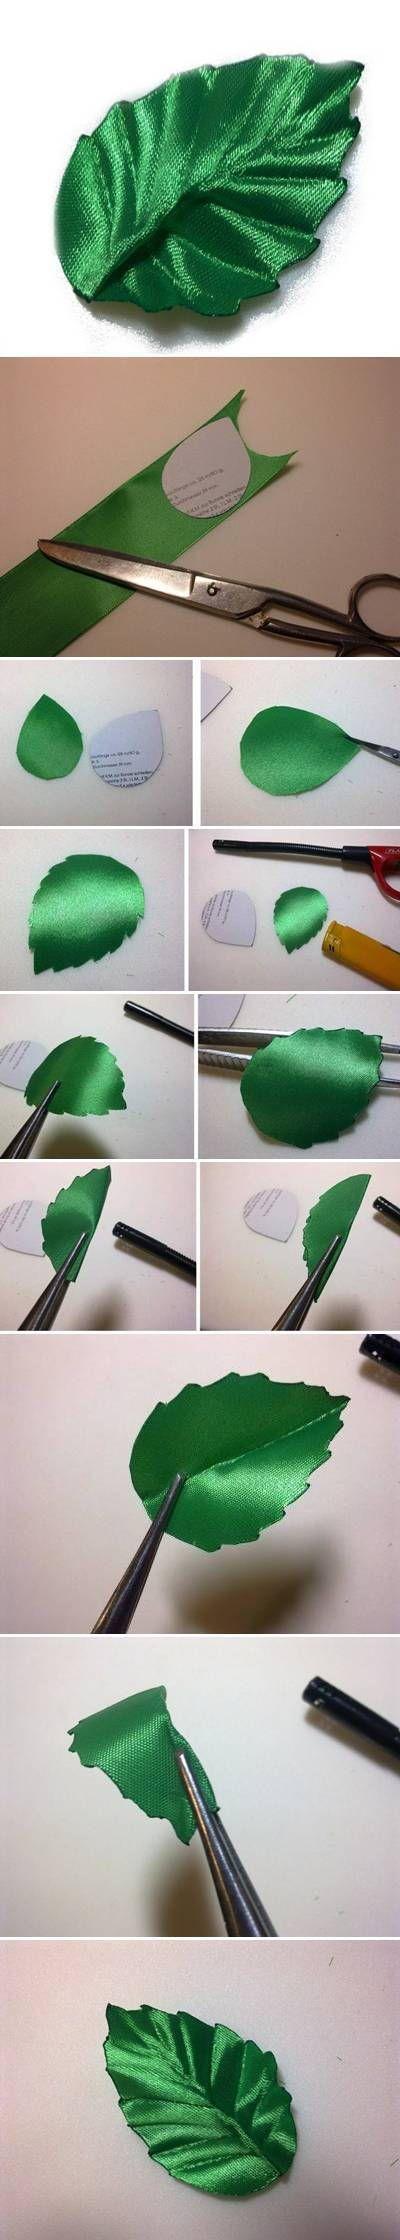 DIY Ribbon Leaf DIY Projects | UsefulDIY.com